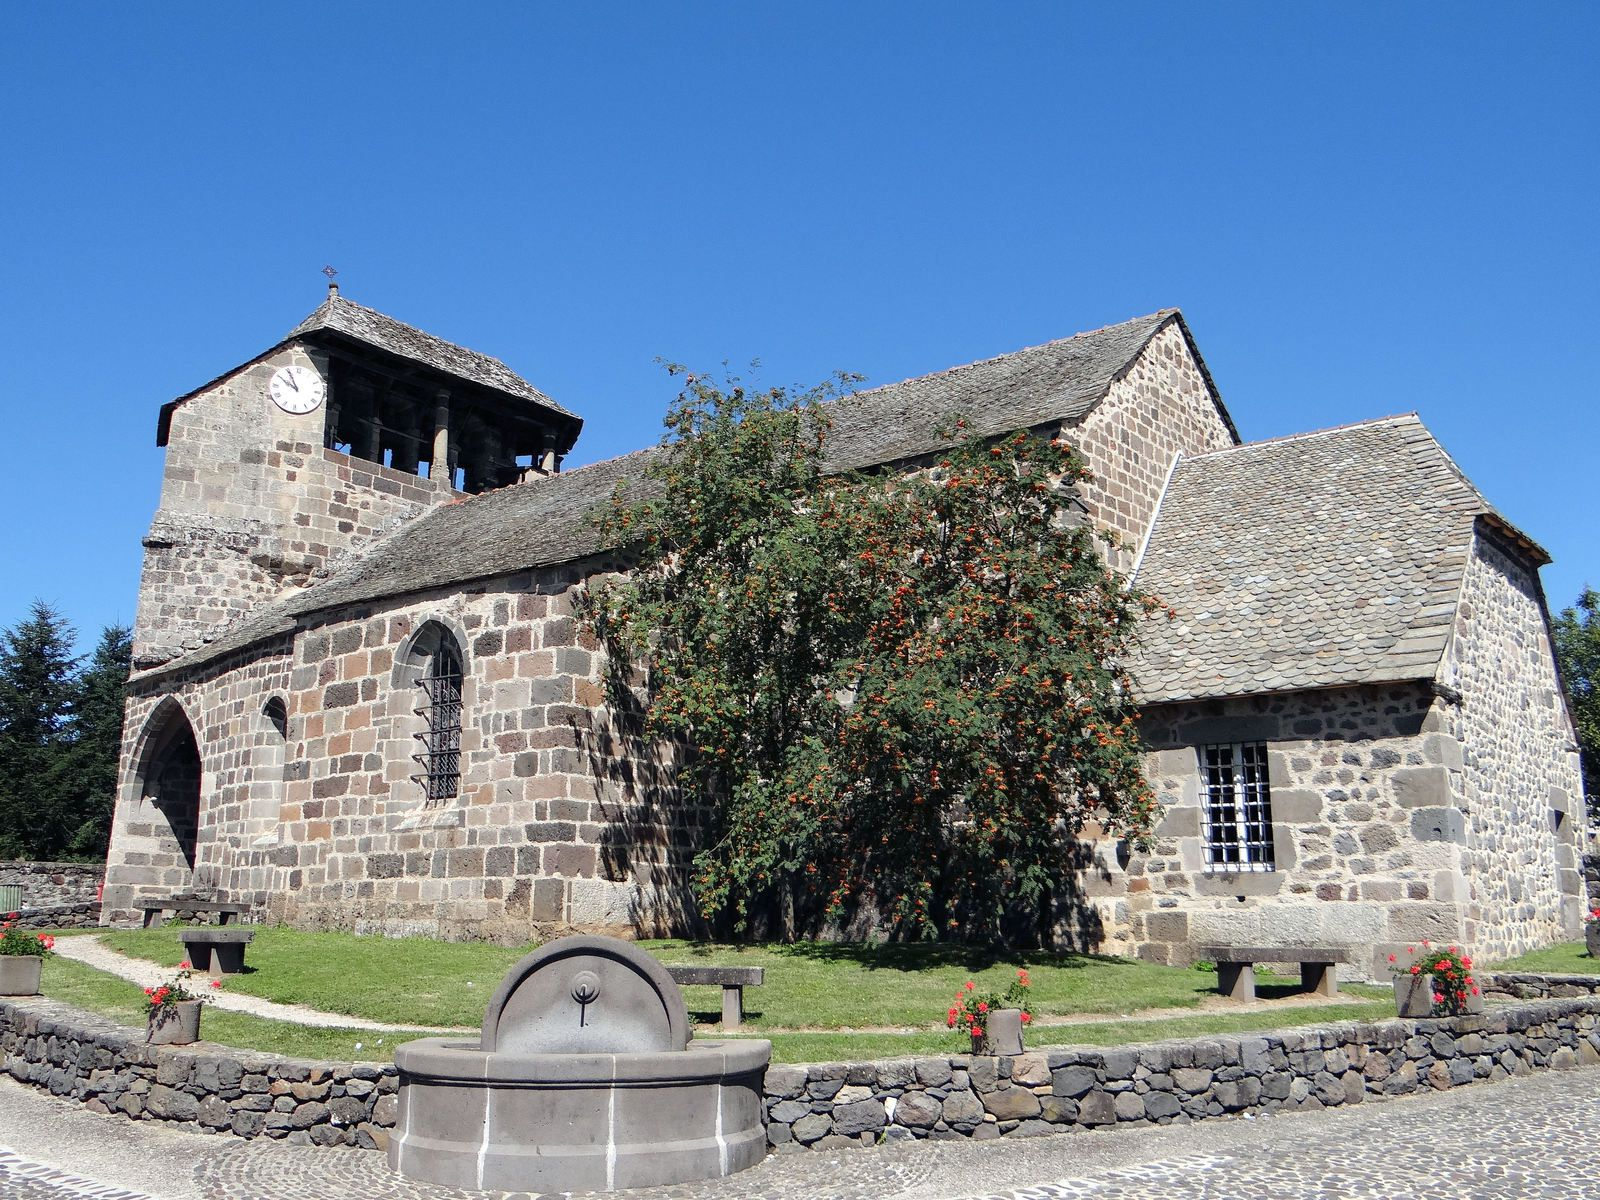 Eglise Saint Anthime à Brommat dans l'Aveyron. XII siècle